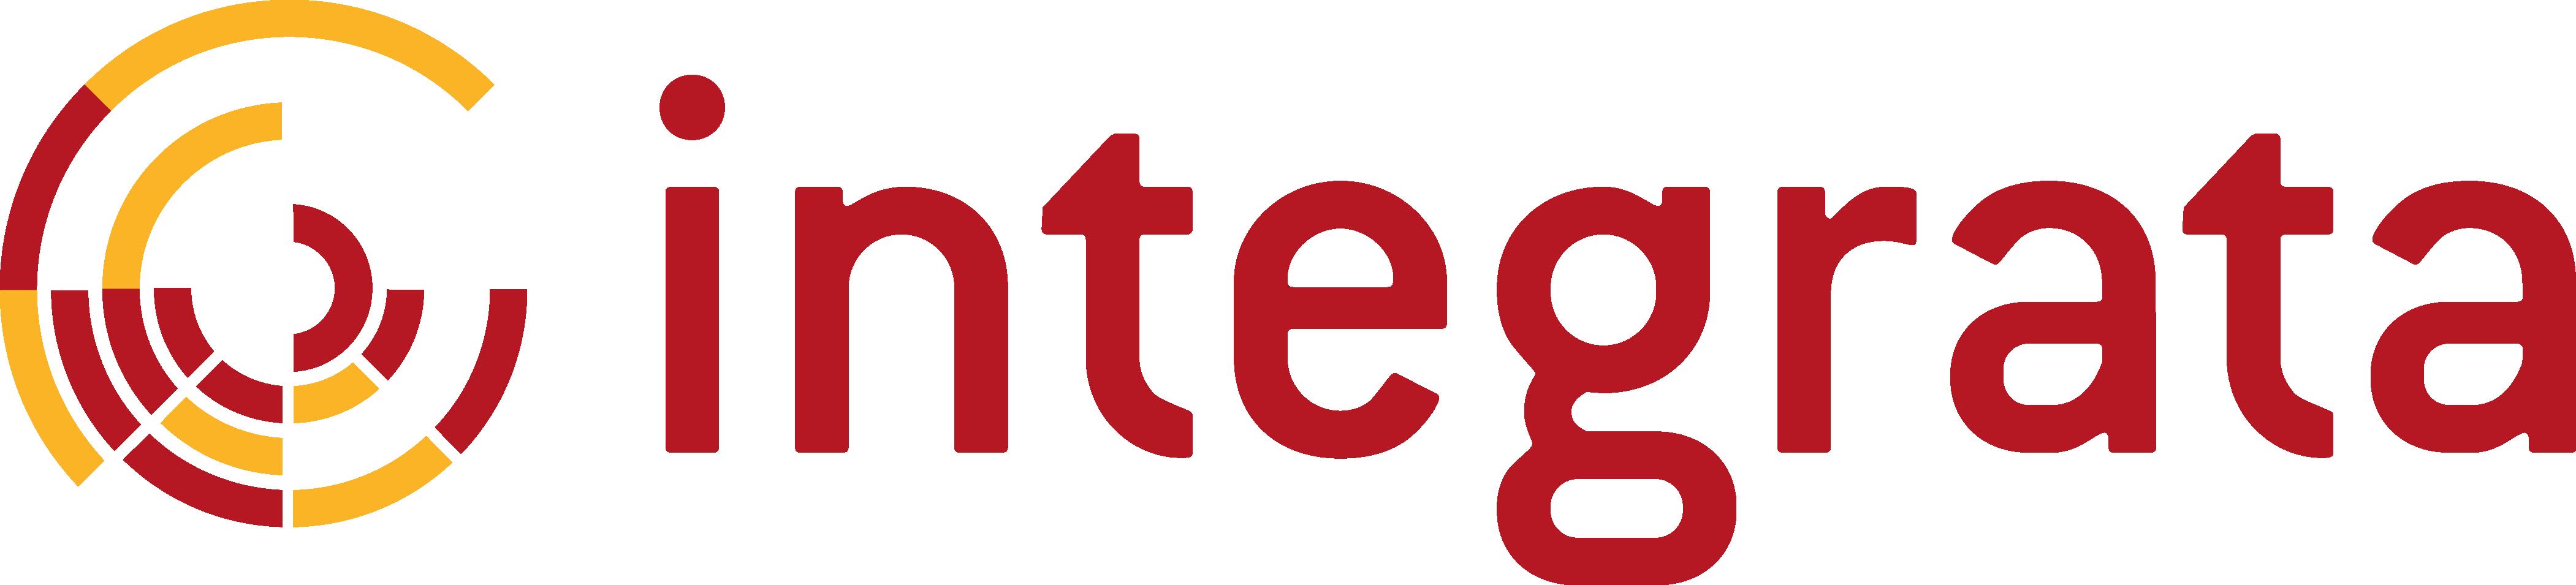 logo-integrata